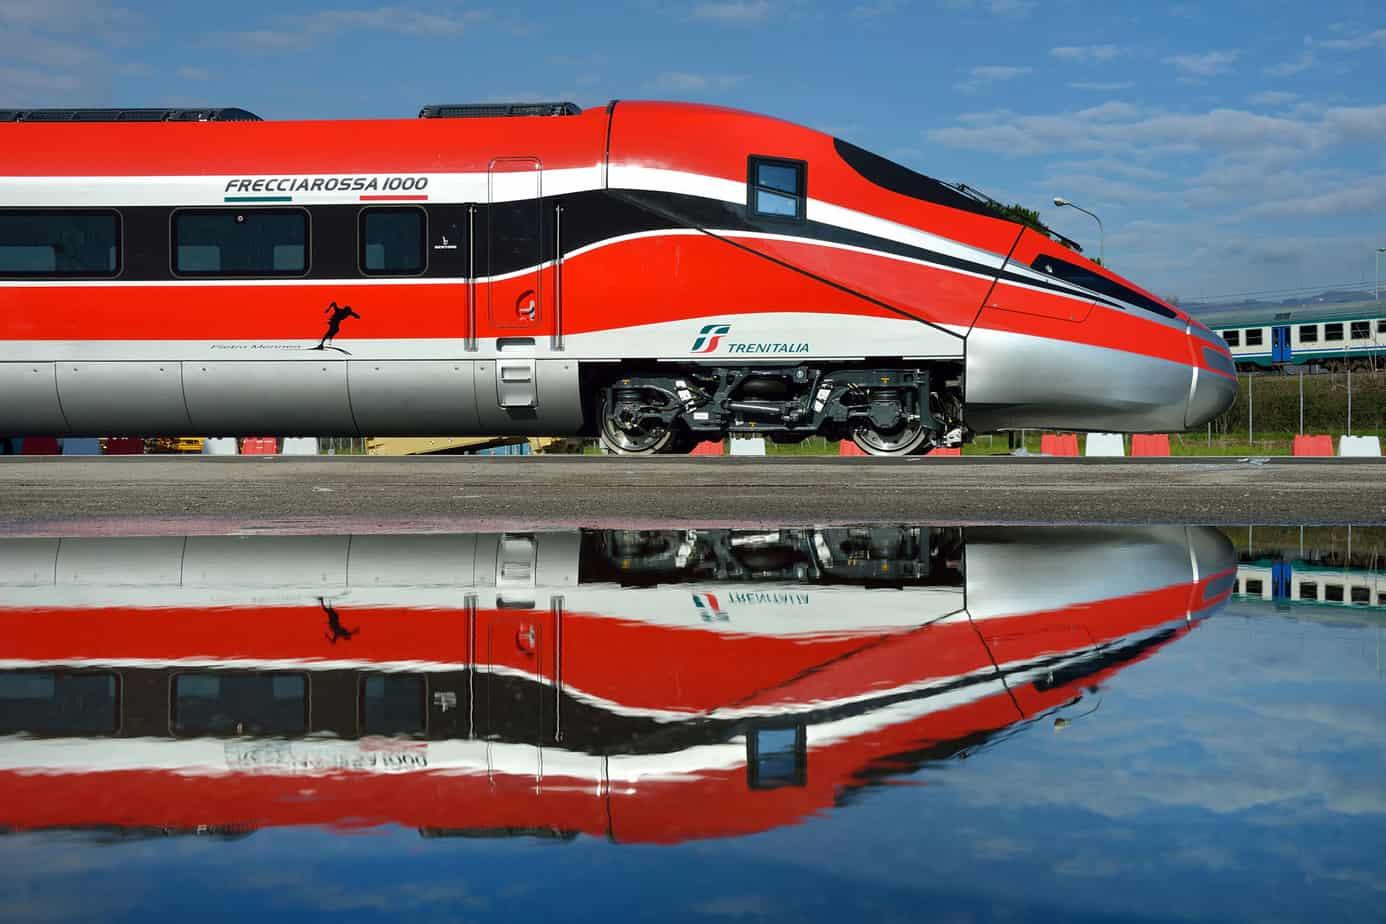 L'Associazione ANIE ASSIFER, in qualità di rappresentanza nazionale dell'industria, svolge attività di promozione e tutela degli interessi del settore presso le Istituzioni Nazionali e Comunitarie, direttamente e attraverso la partecipazione ad UNIFE (Associazione delle Industrie Ferroviarie Europee)